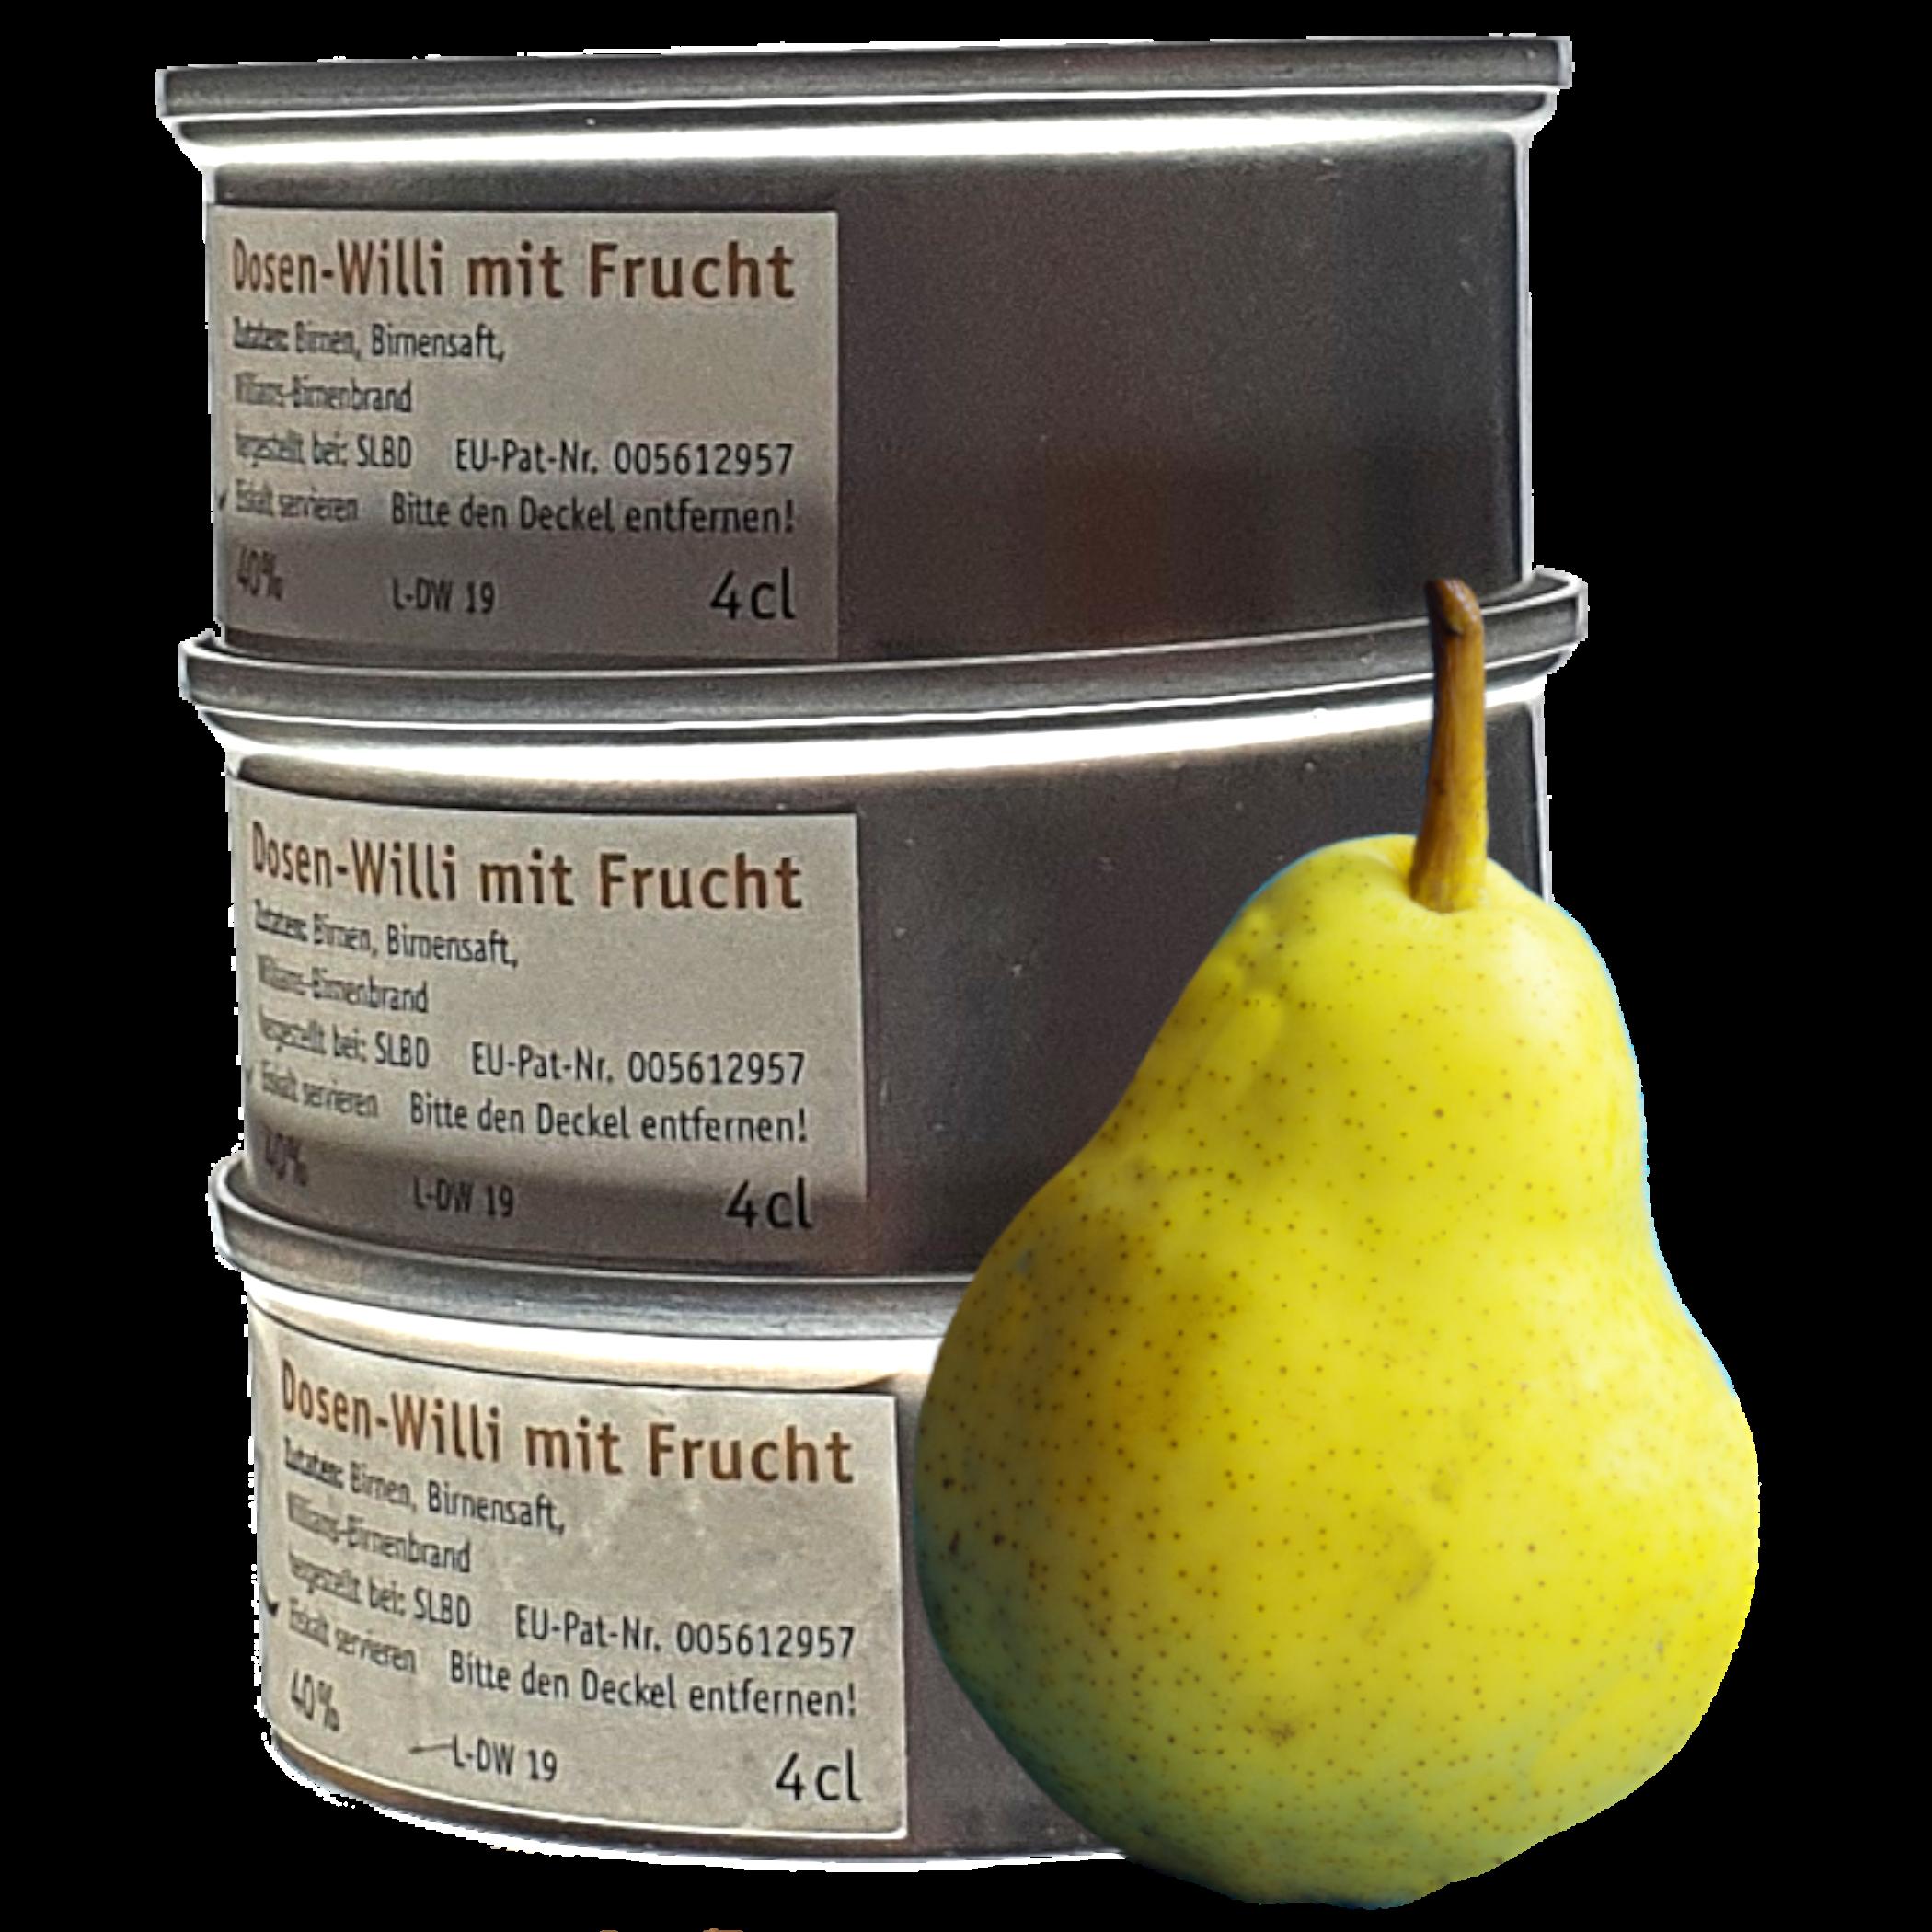 Drei Dosen-Willi der Dosenschnaps mit Frucht